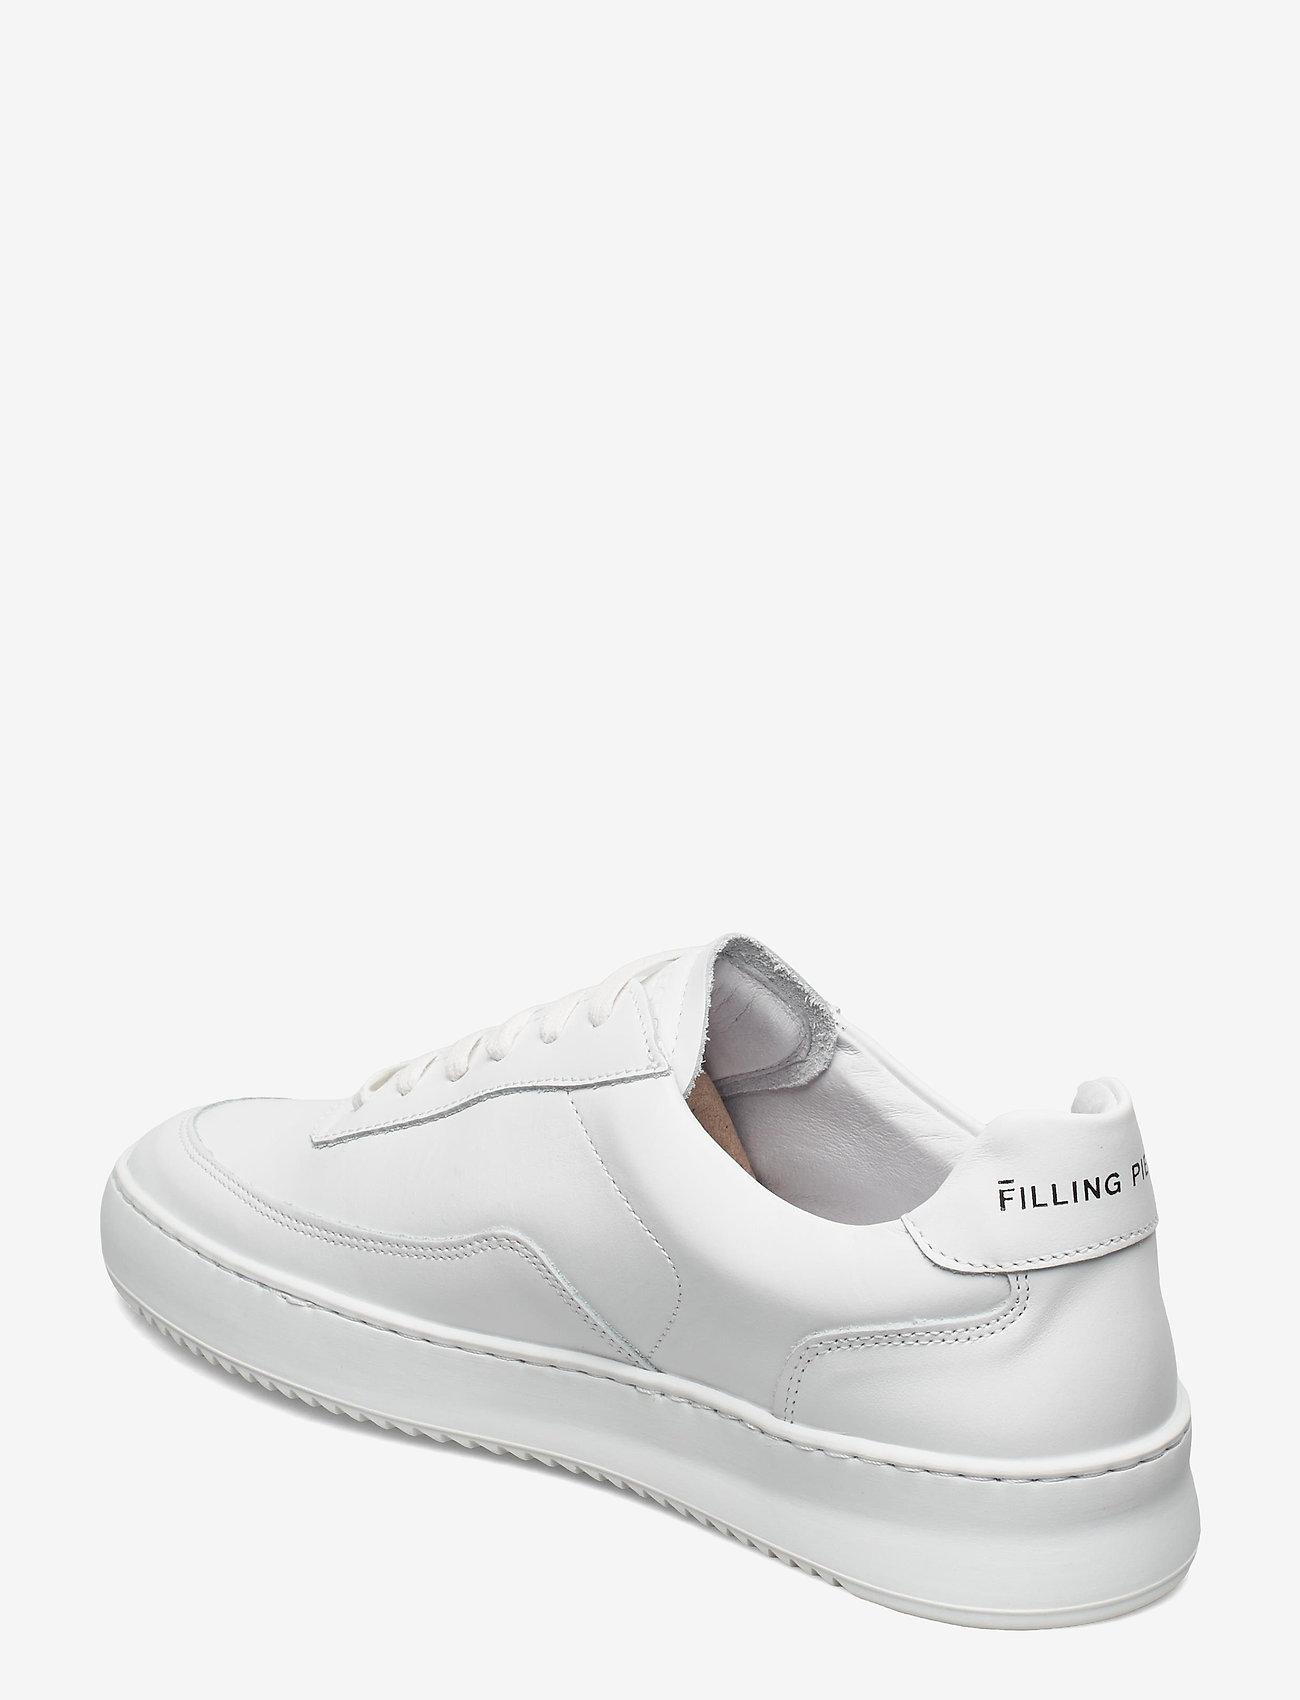 Filling Pieces - Mondo 2.0 Ripple Nappa - låga sneakers - white - 2